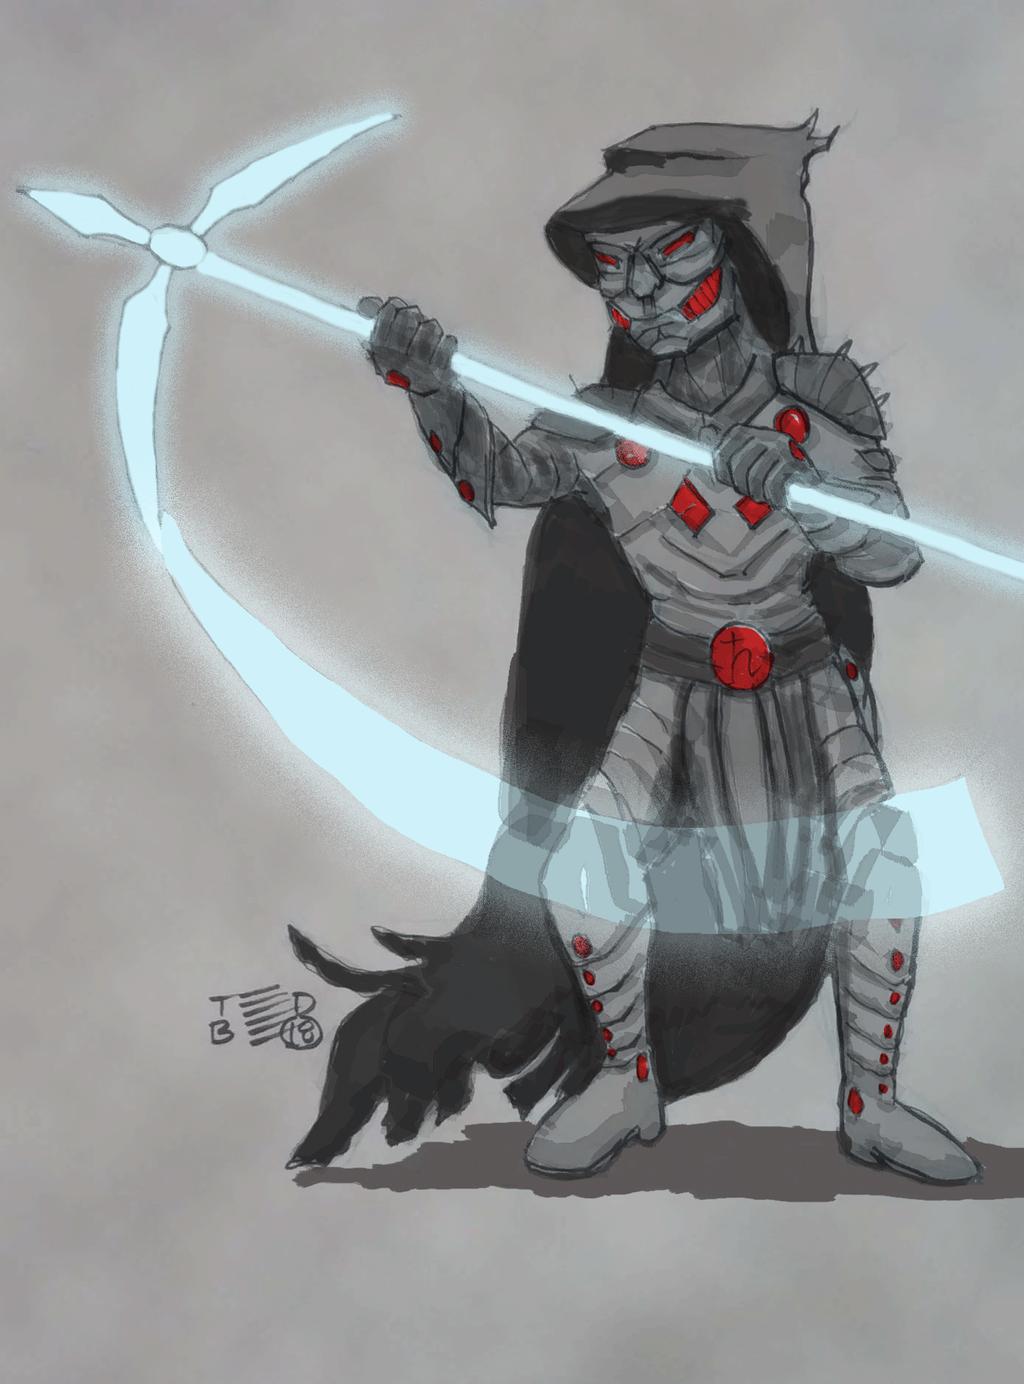 Black Suit of Death (fan art) by tedbergeron